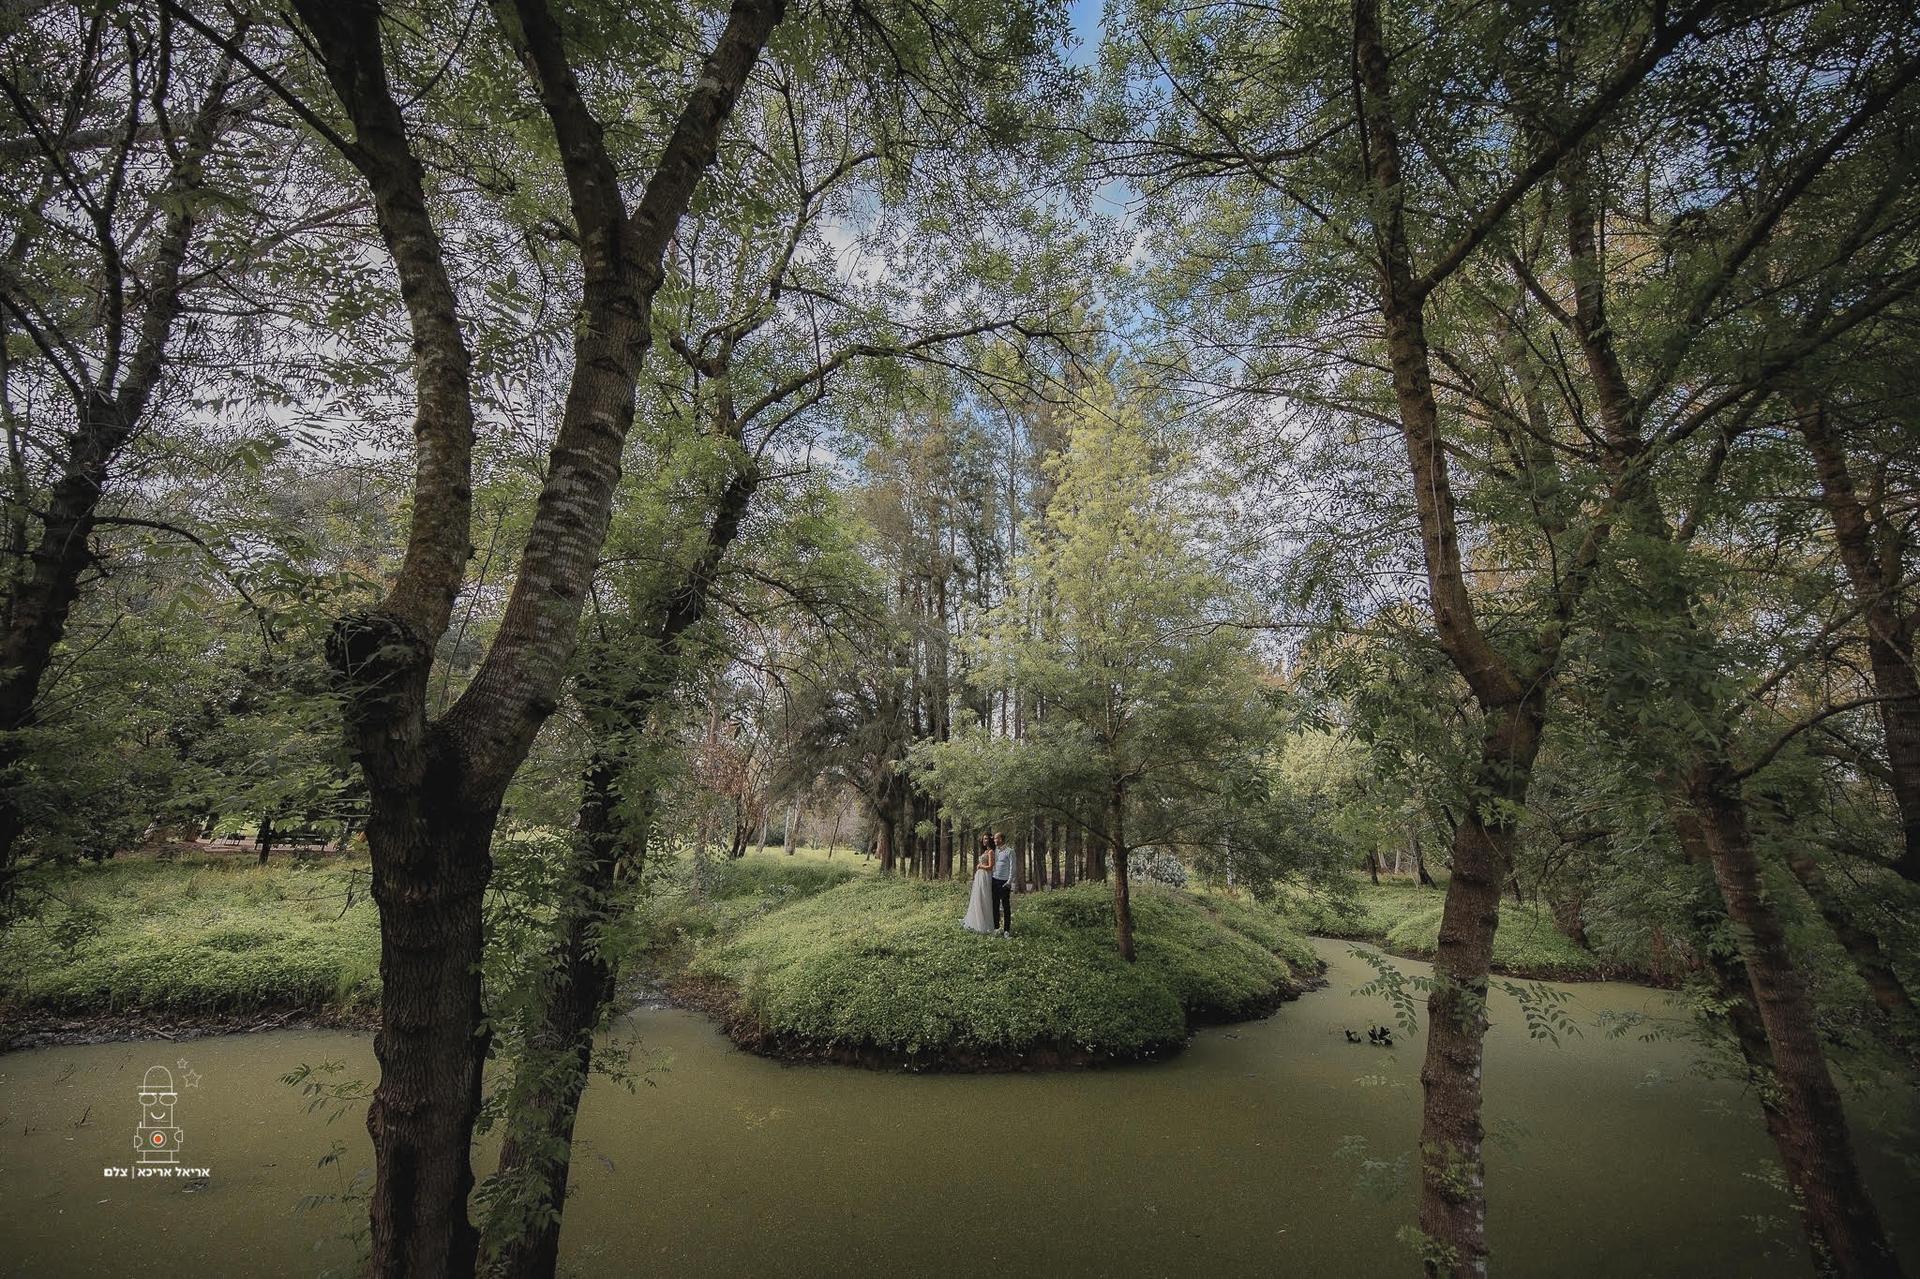 ירוק ומסתורי. יער אילנות | צילום: אריאל אריכא